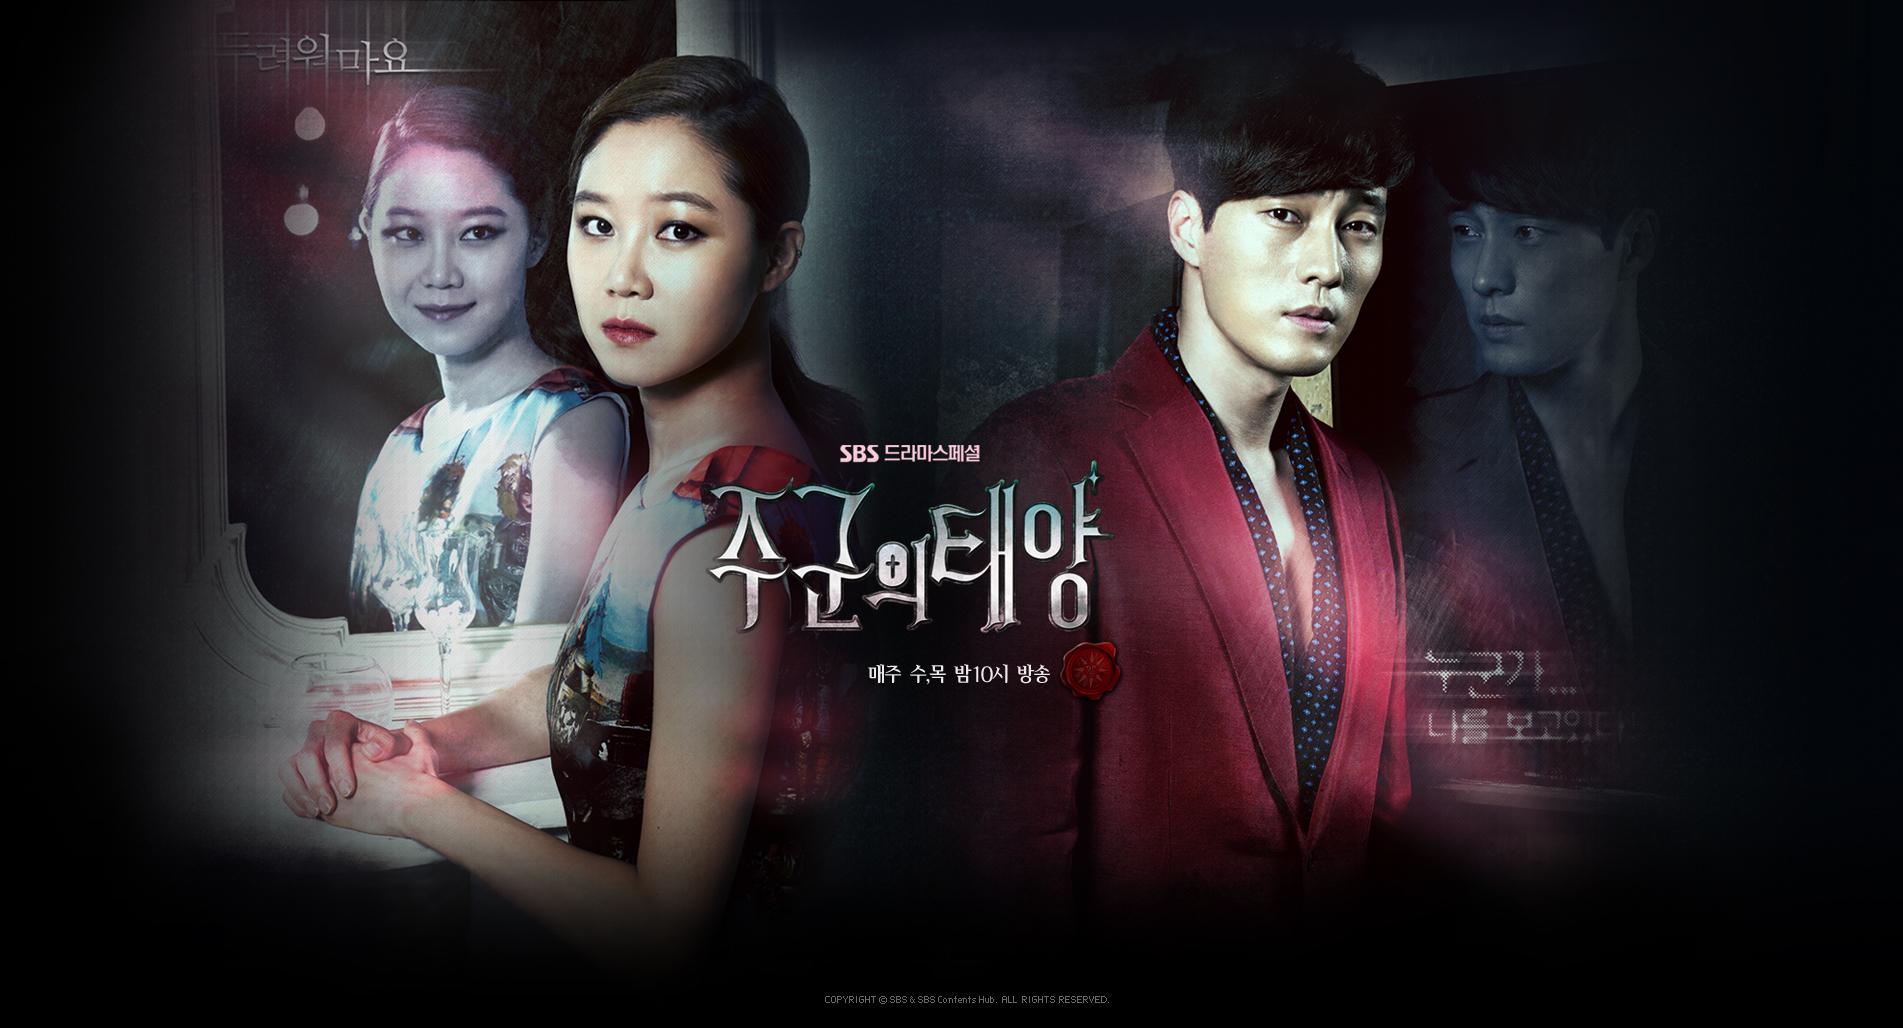 [韓劇] 주군의 태양 (主君的太陽) (2013) Master%60s%20Sun%20bg2